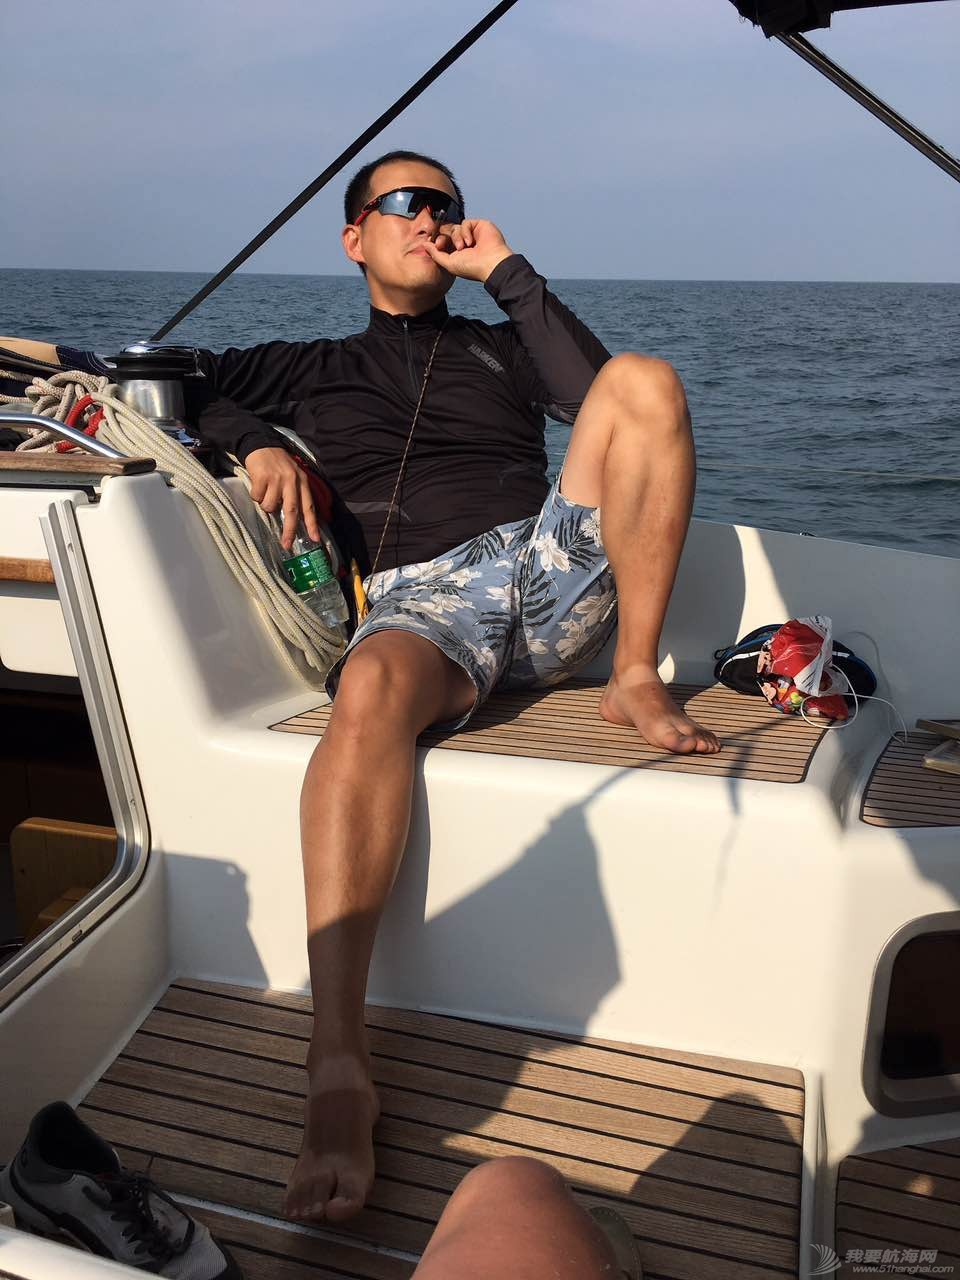 拉力赛,渤海,长航,记录 终其一生,做不完的航海梦!——记录人生第一次的风帆长航,环渤海拉力赛2016